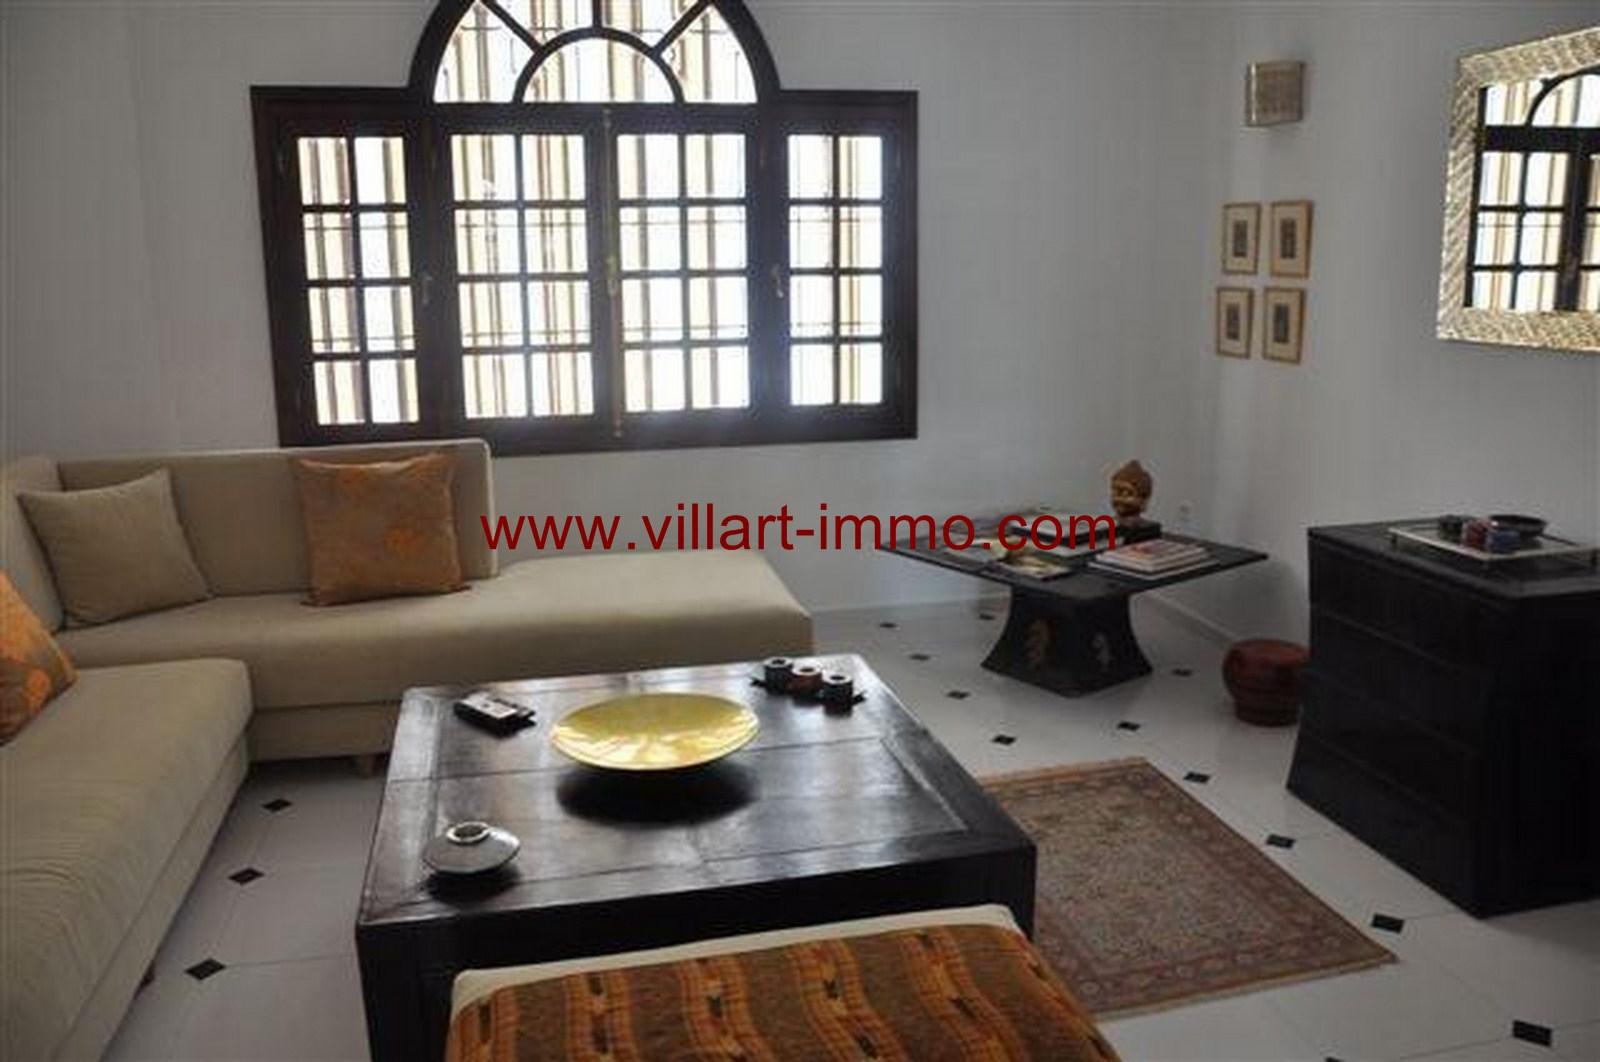 13-vente-villa-tanger-boubana-salon-7-vv363-villart-immo